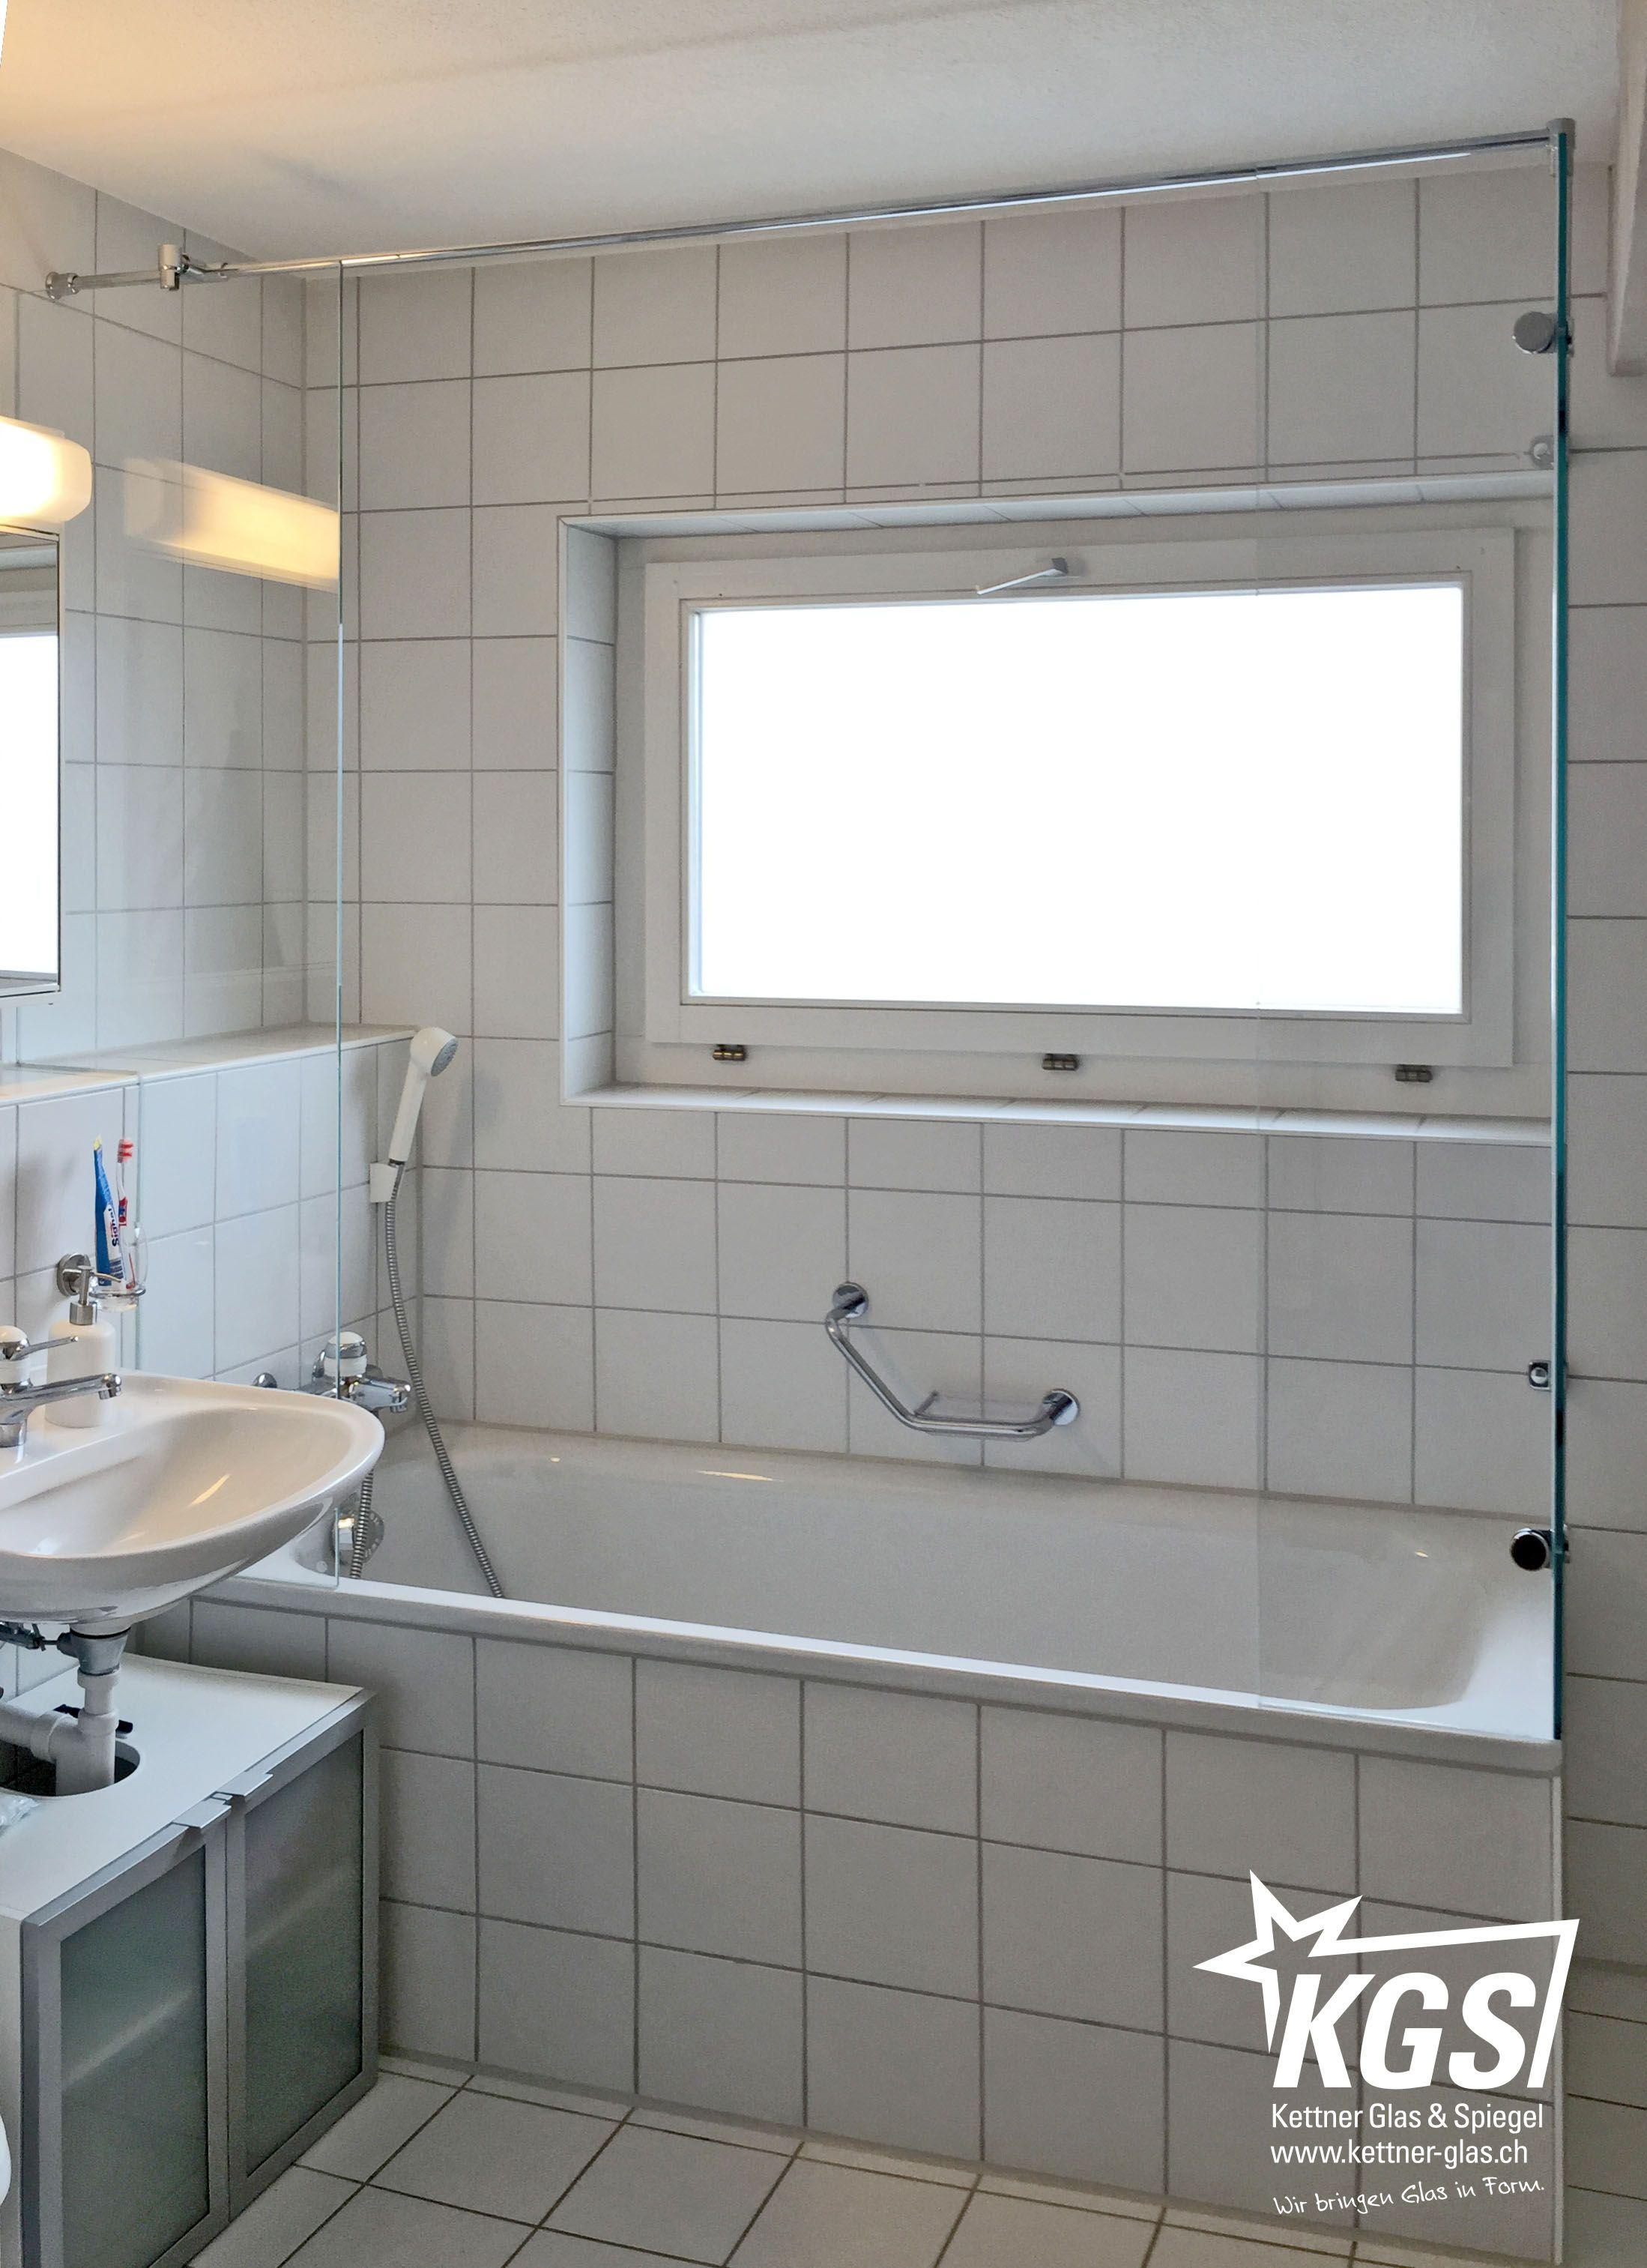 Duschtrennwande Auf Badewanne Als Seitlicher Spritzschutz Und Stabilisationsstange In Uberlange Fur Die Anbr Dusche Duschvorhang Halterung Badewanne Mit Dusche